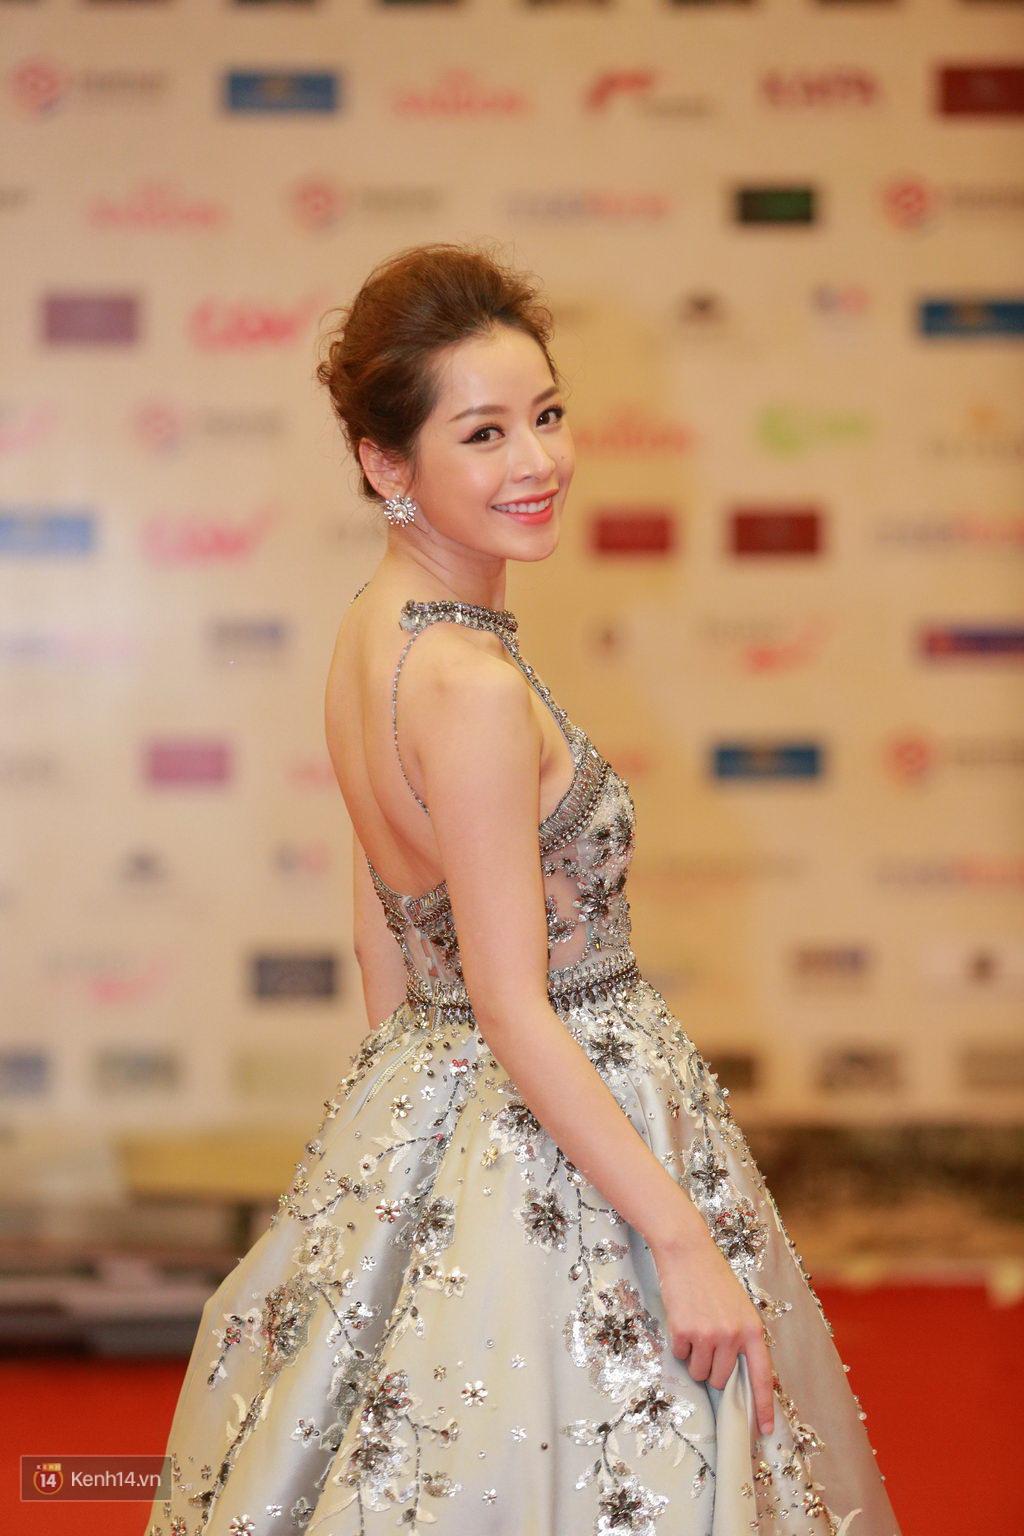 Angela Phương Trinh hở bạo, tự tin đọ vẻ sexy với dàn sao nữ tại lễ khai mạc LHP Quốc tế Hà Nội